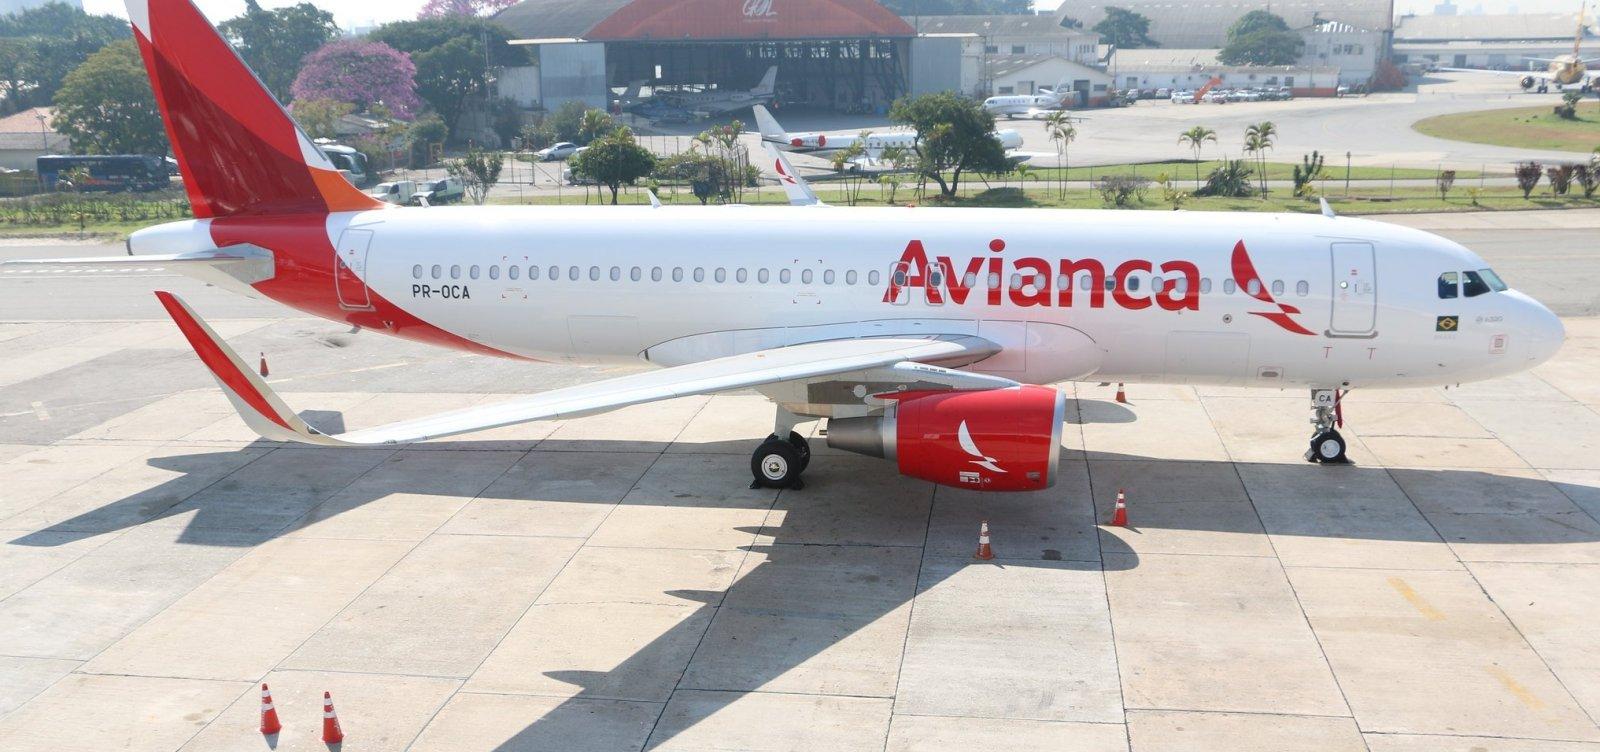 [Avianca pede novo certificado de operador aéreo à Anac]